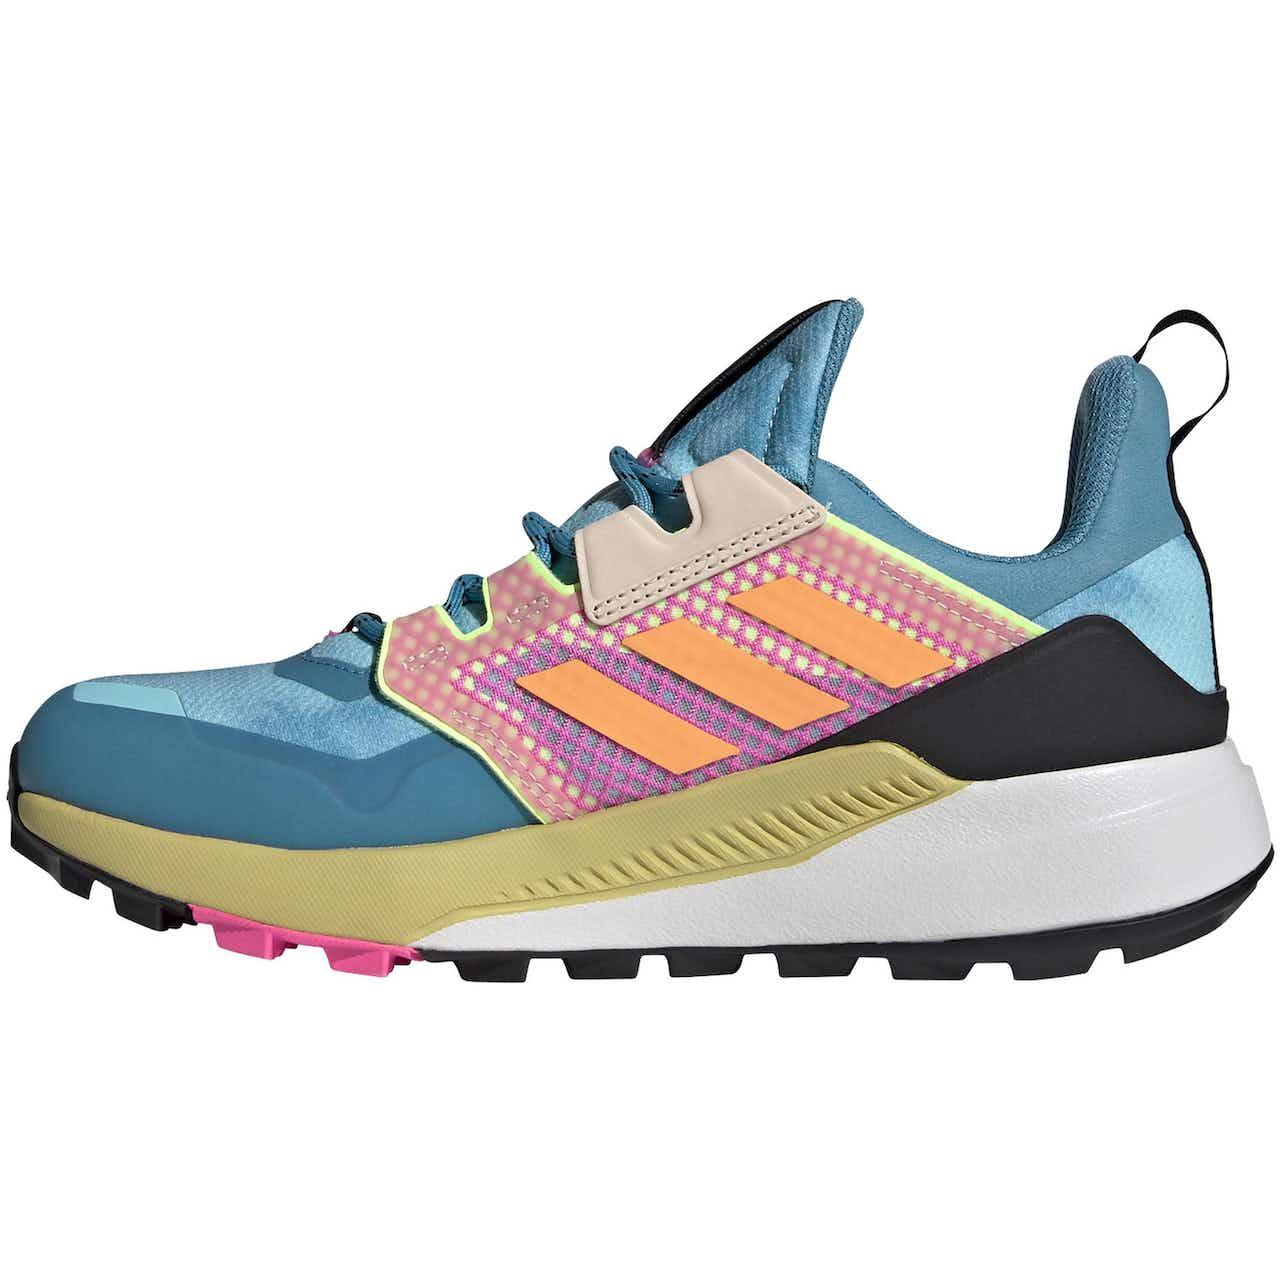 adidas Trailmaker Wanderschuhe Damen